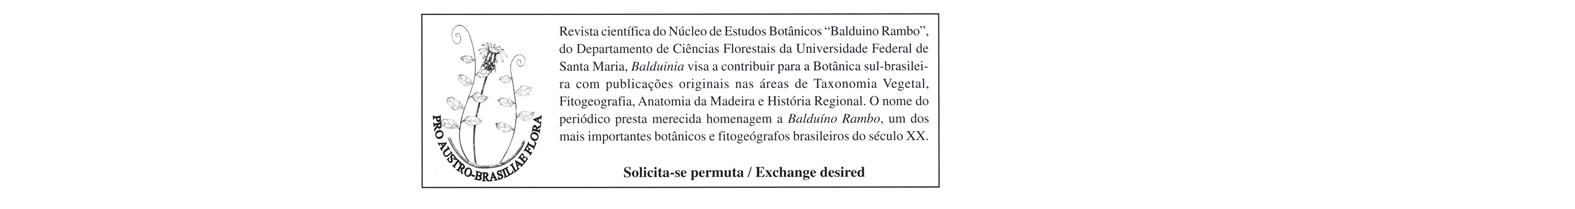 """Revista científica do Núcleo de Estudos Botânicos """"Balduino Rambo"""", do Departamento de Ciências Florestais/UFSM, Balduinia visa a contribuir para a Botânica sul-brasileira com publicações originais em Taxonomia Vegetal, Fitogeografia, Anatomia da Madeira."""